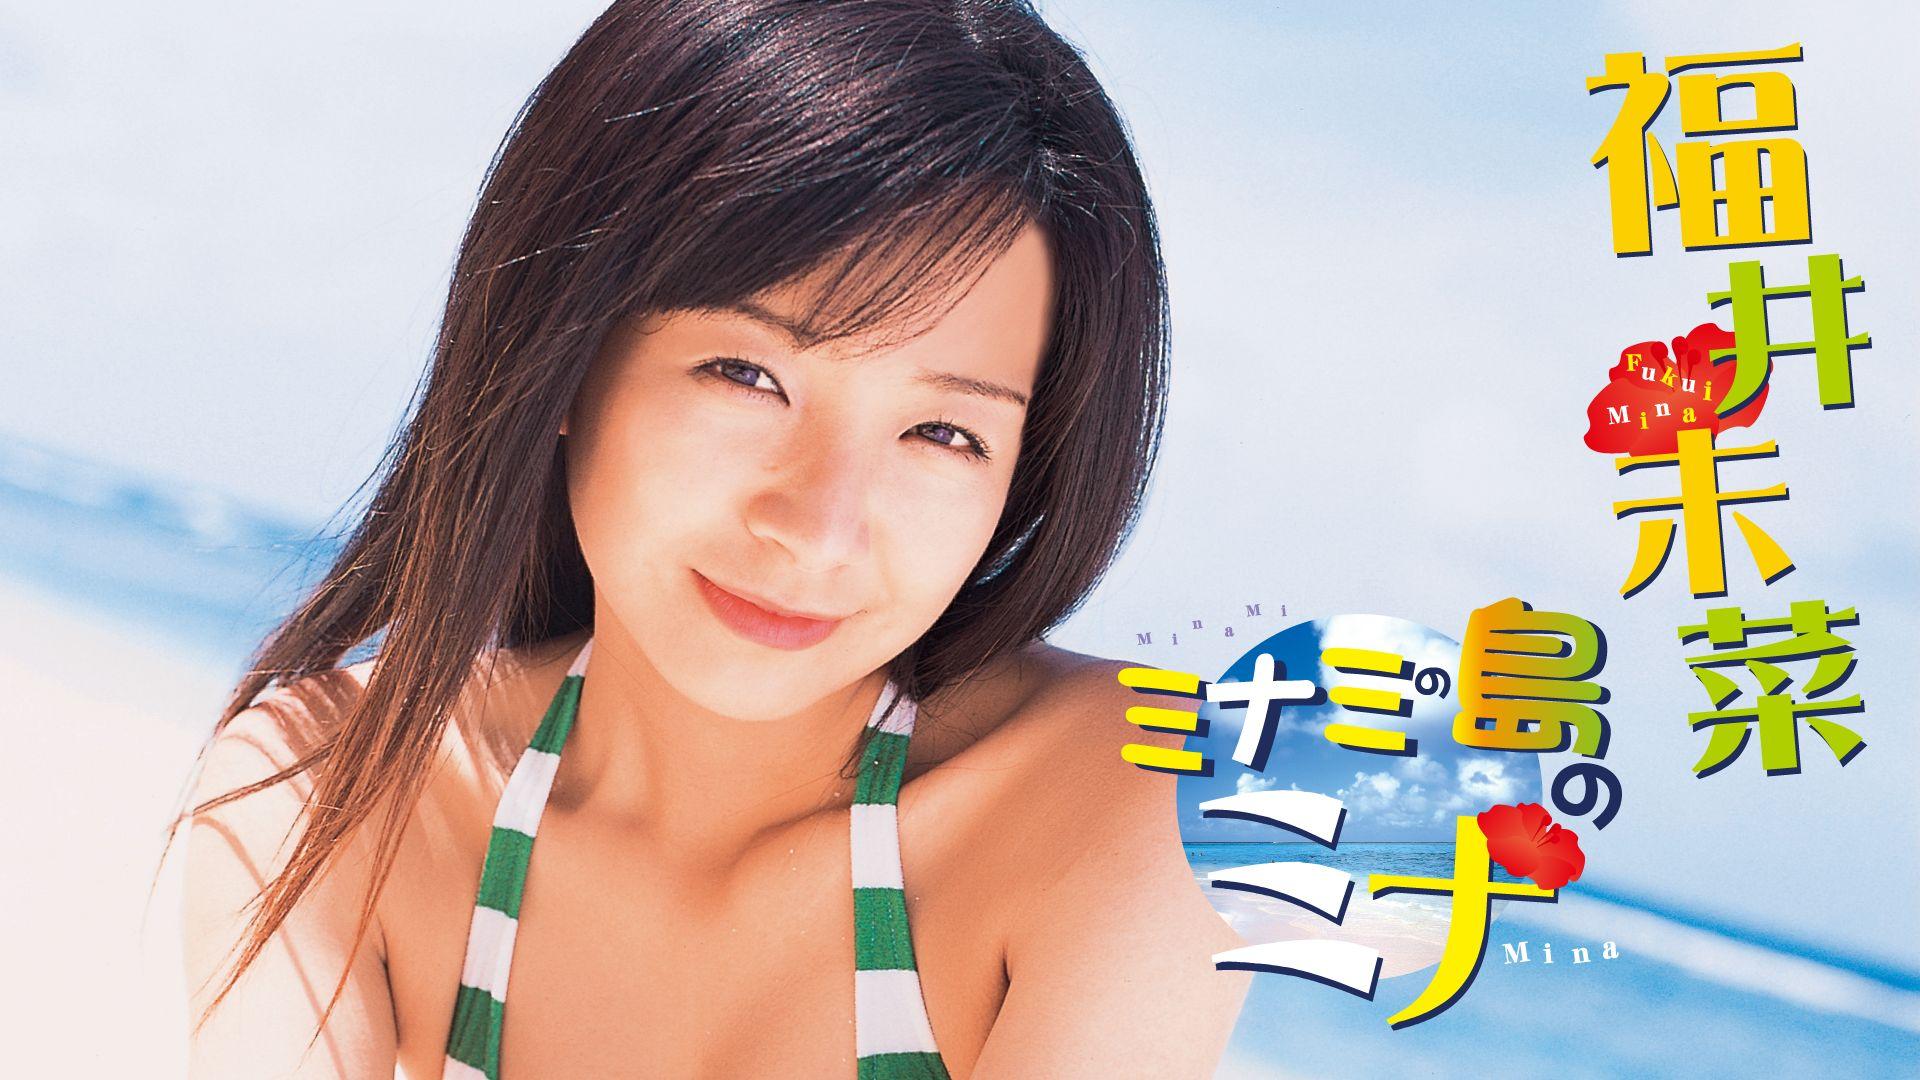 福井未菜『ミナミの島のミナ』